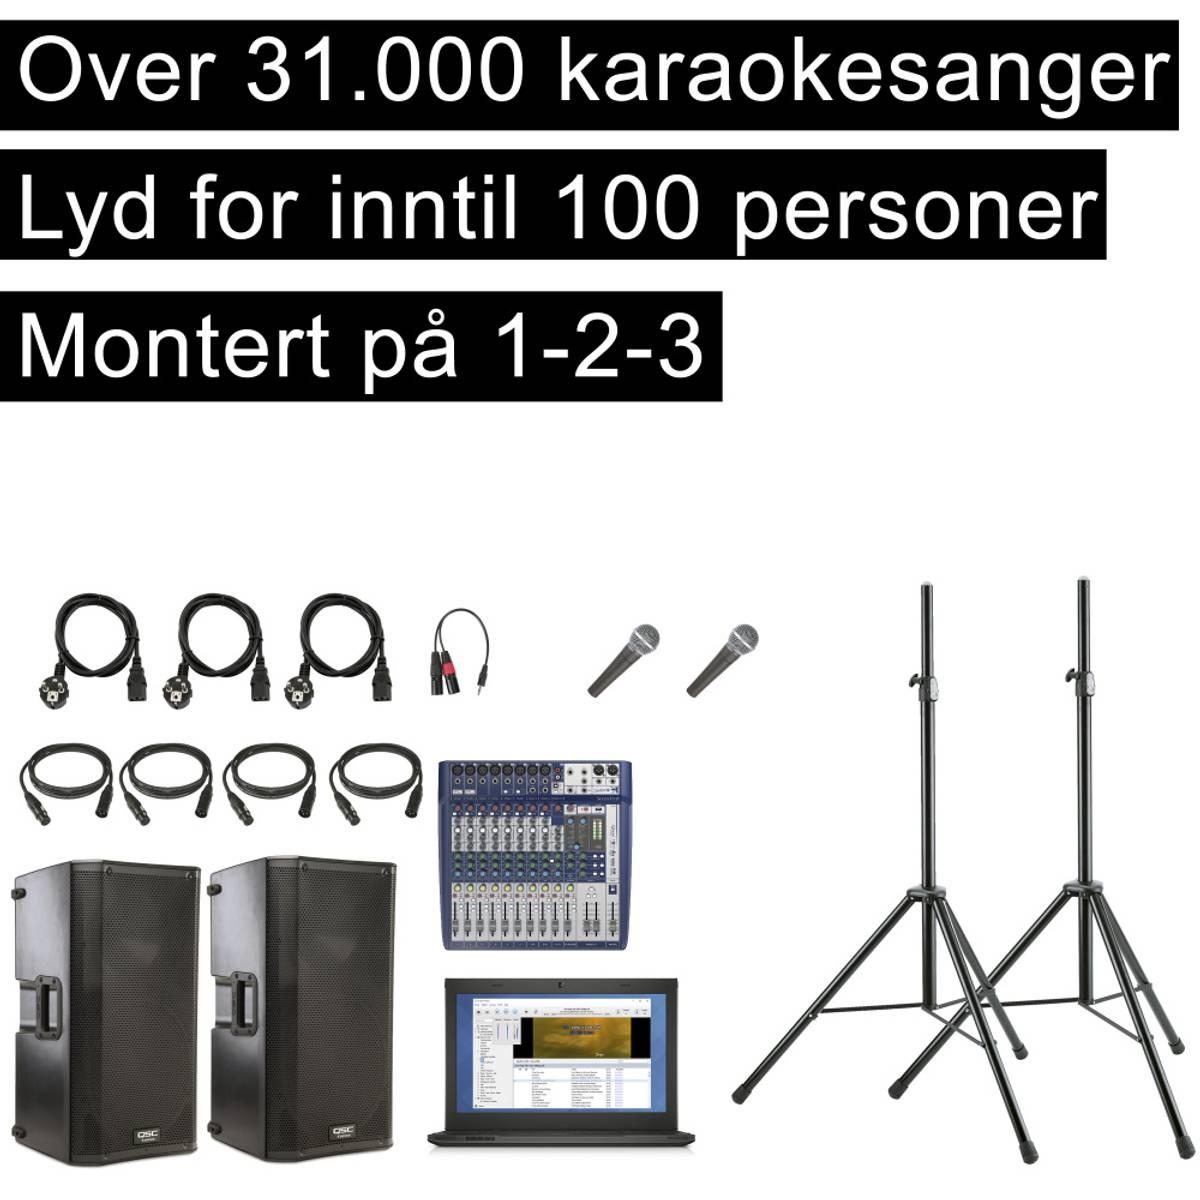 Karaokepakken